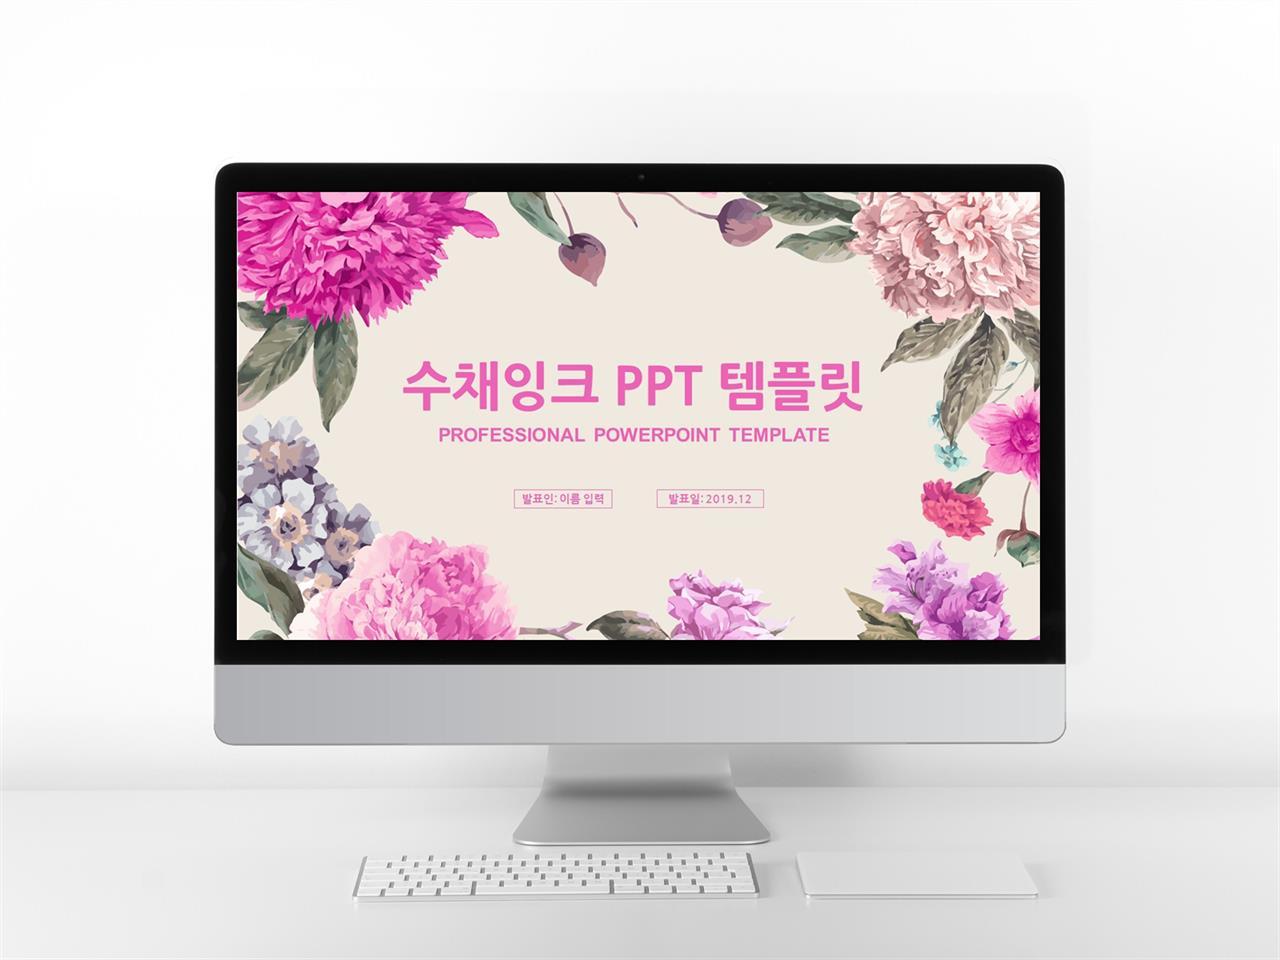 화훼, 동물주제 보라색 귀여운 고급형 PPT배경 디자인 미리보기